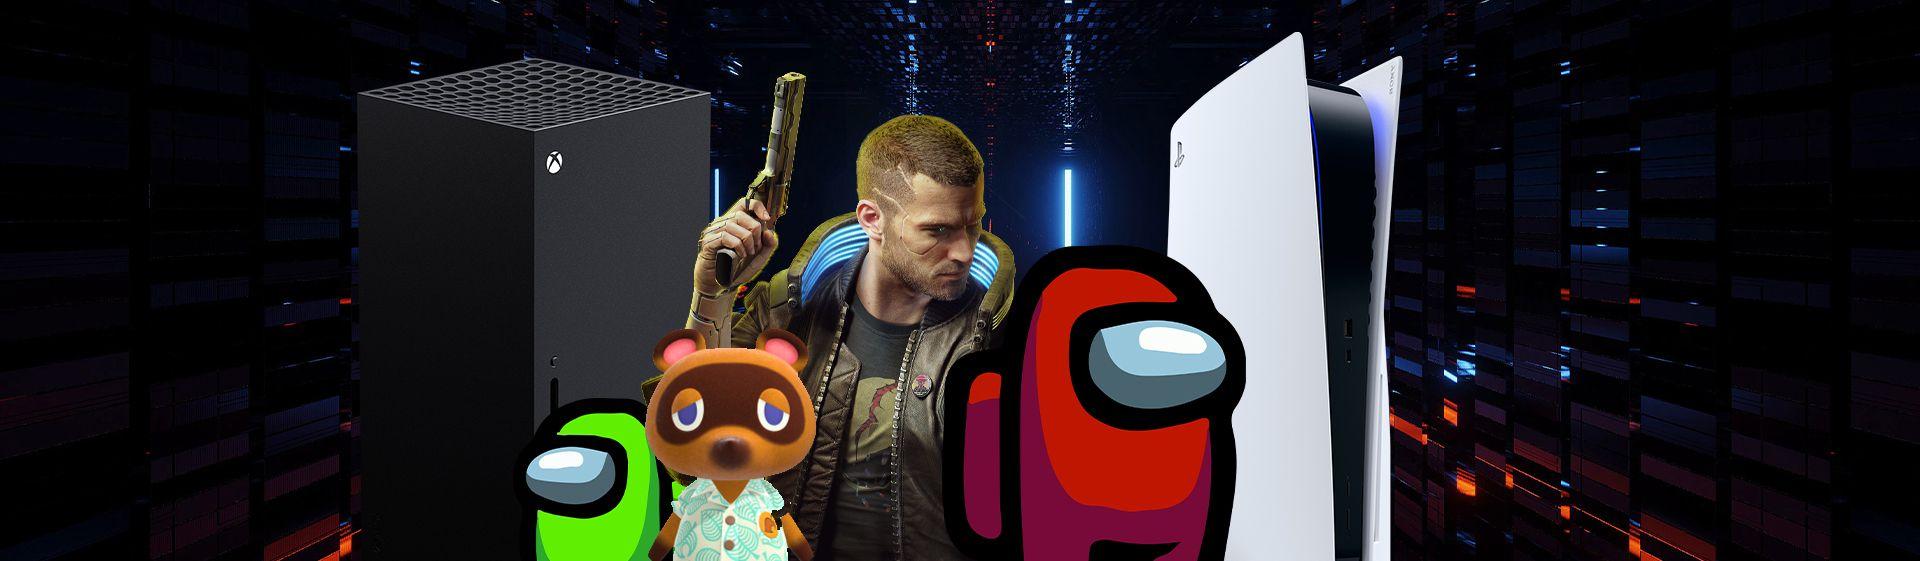 Indústria de games cresce 19% em 2020, mas a que custo?